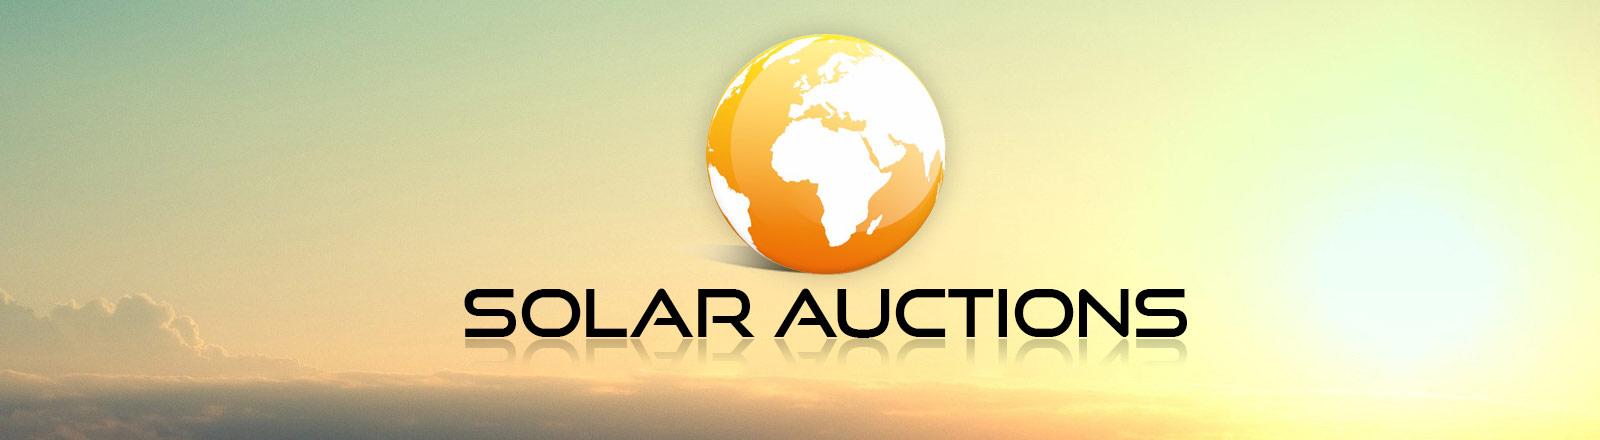 Besuchen sie unseren Partner Solar Auctions